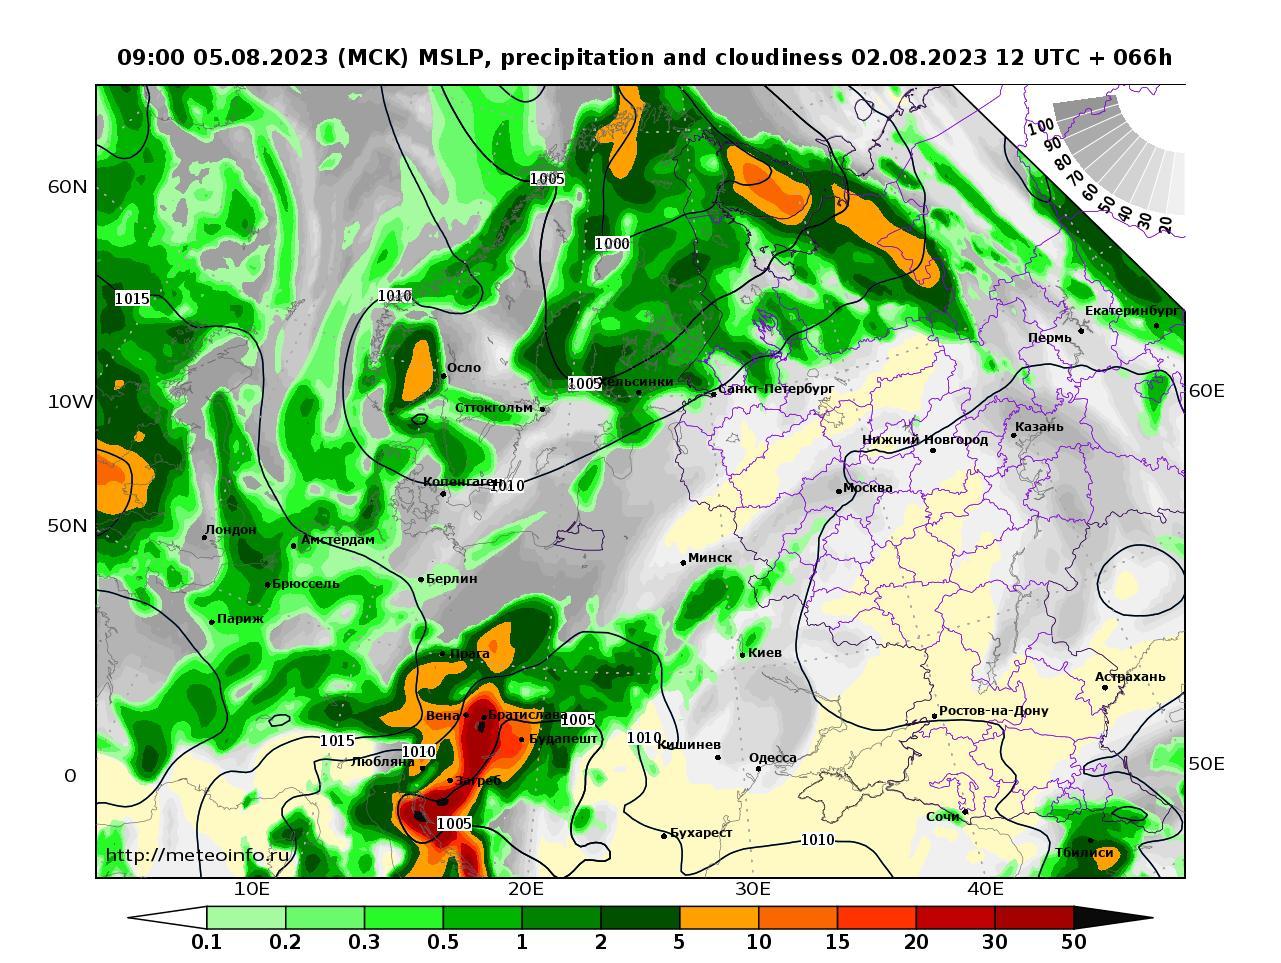 Европейская территория России, прогностическая карта осадки и давление, заблаговременность прогноза 66 часов